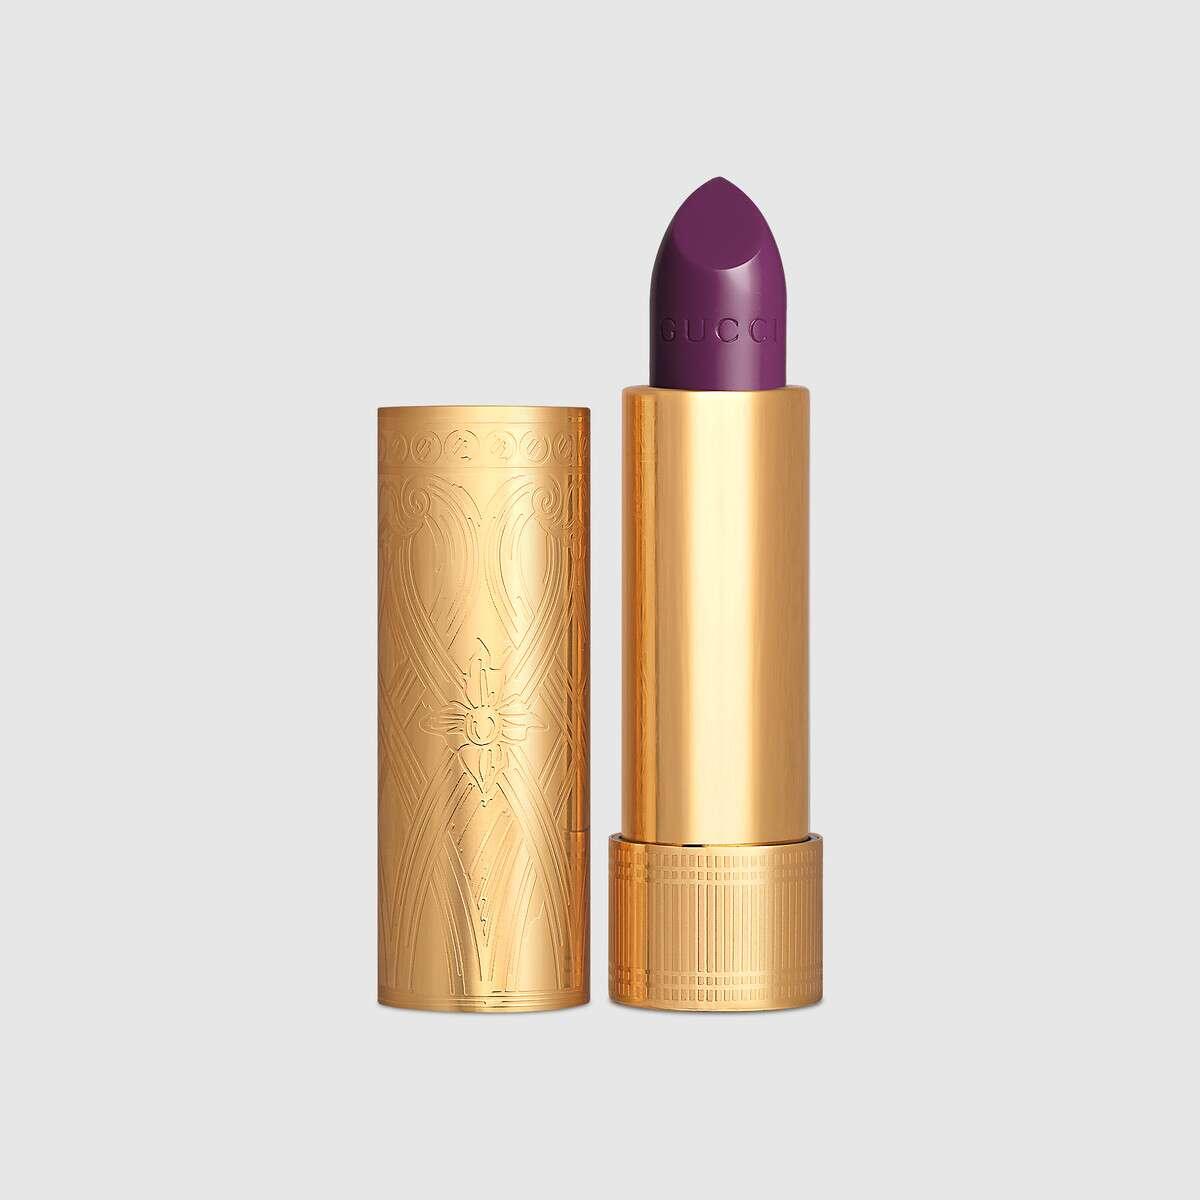 Rouge à Lèvres Satin Lipstick in 601 Virginia Fleur de Lis